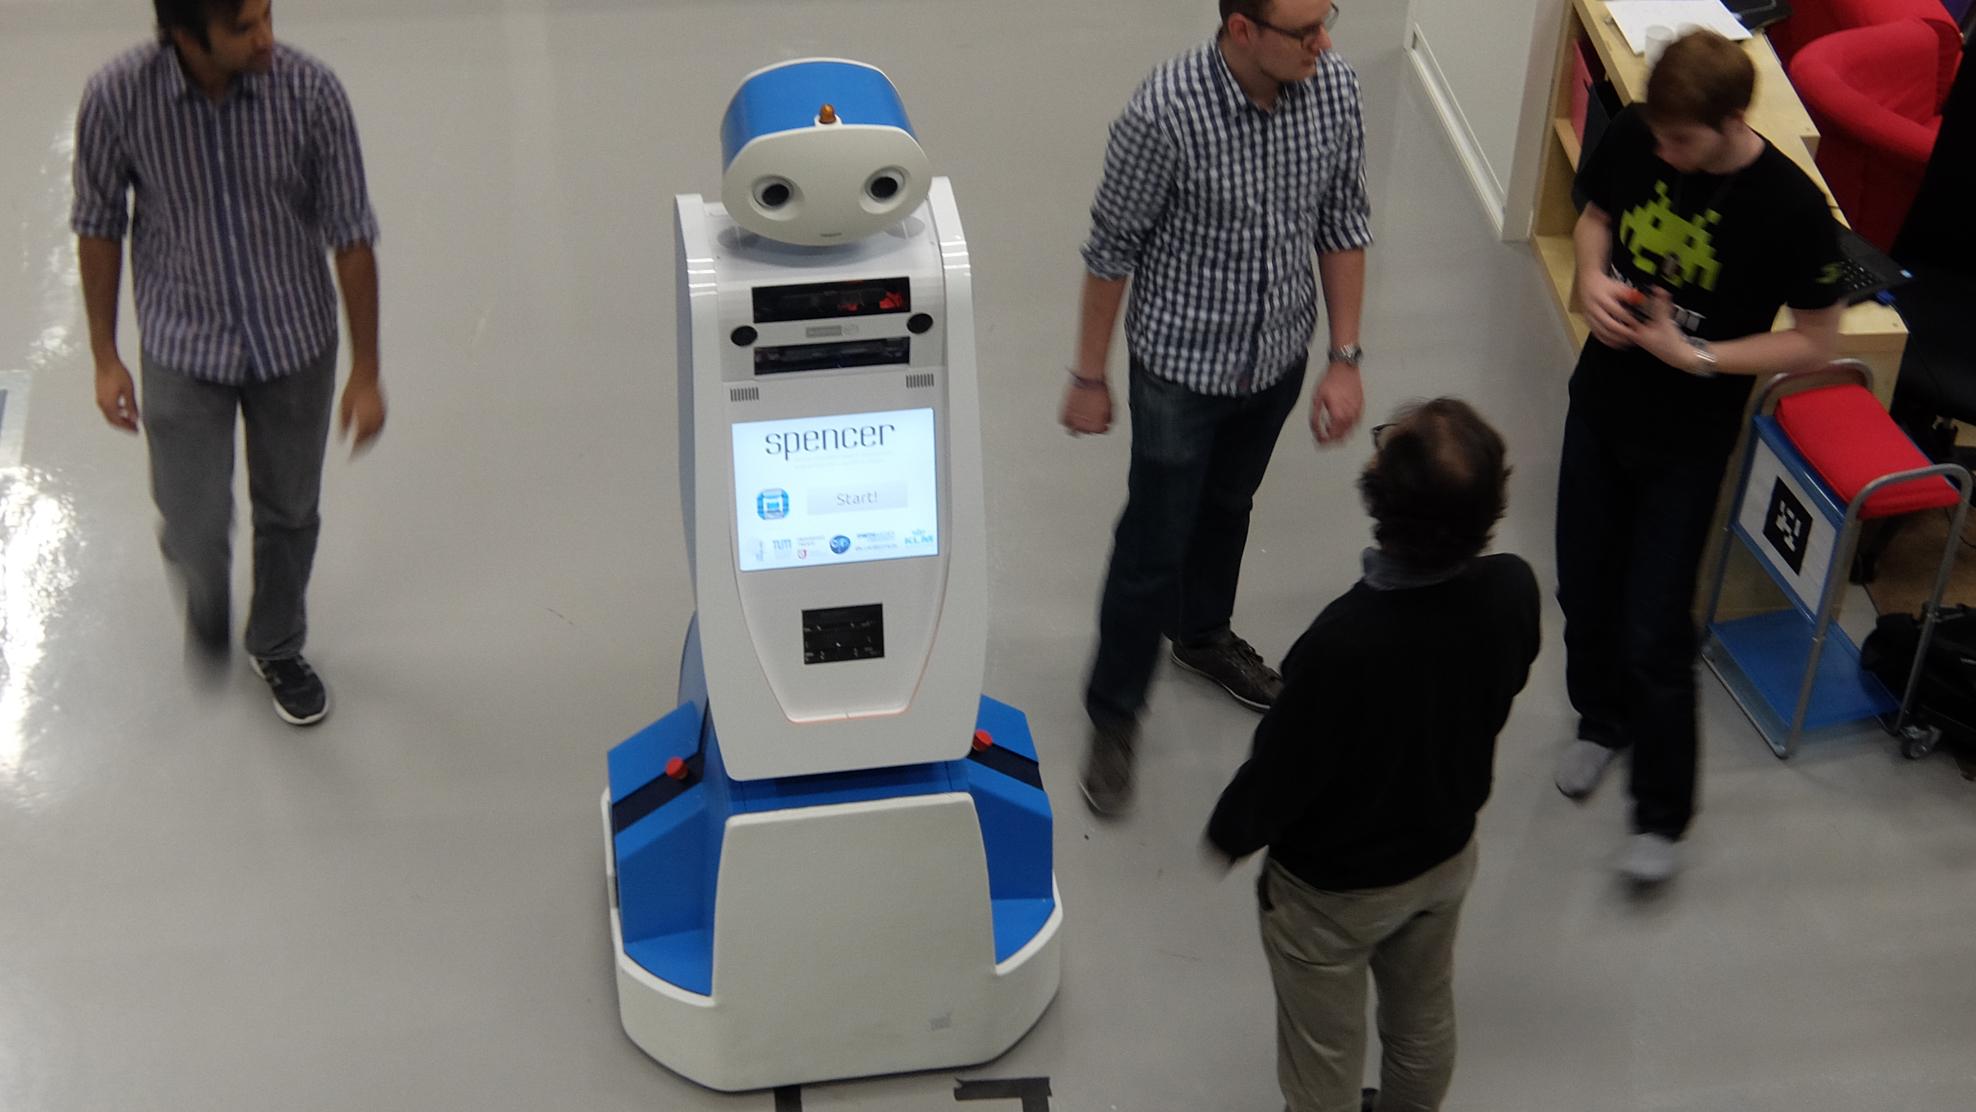 spencer_robot.jpg